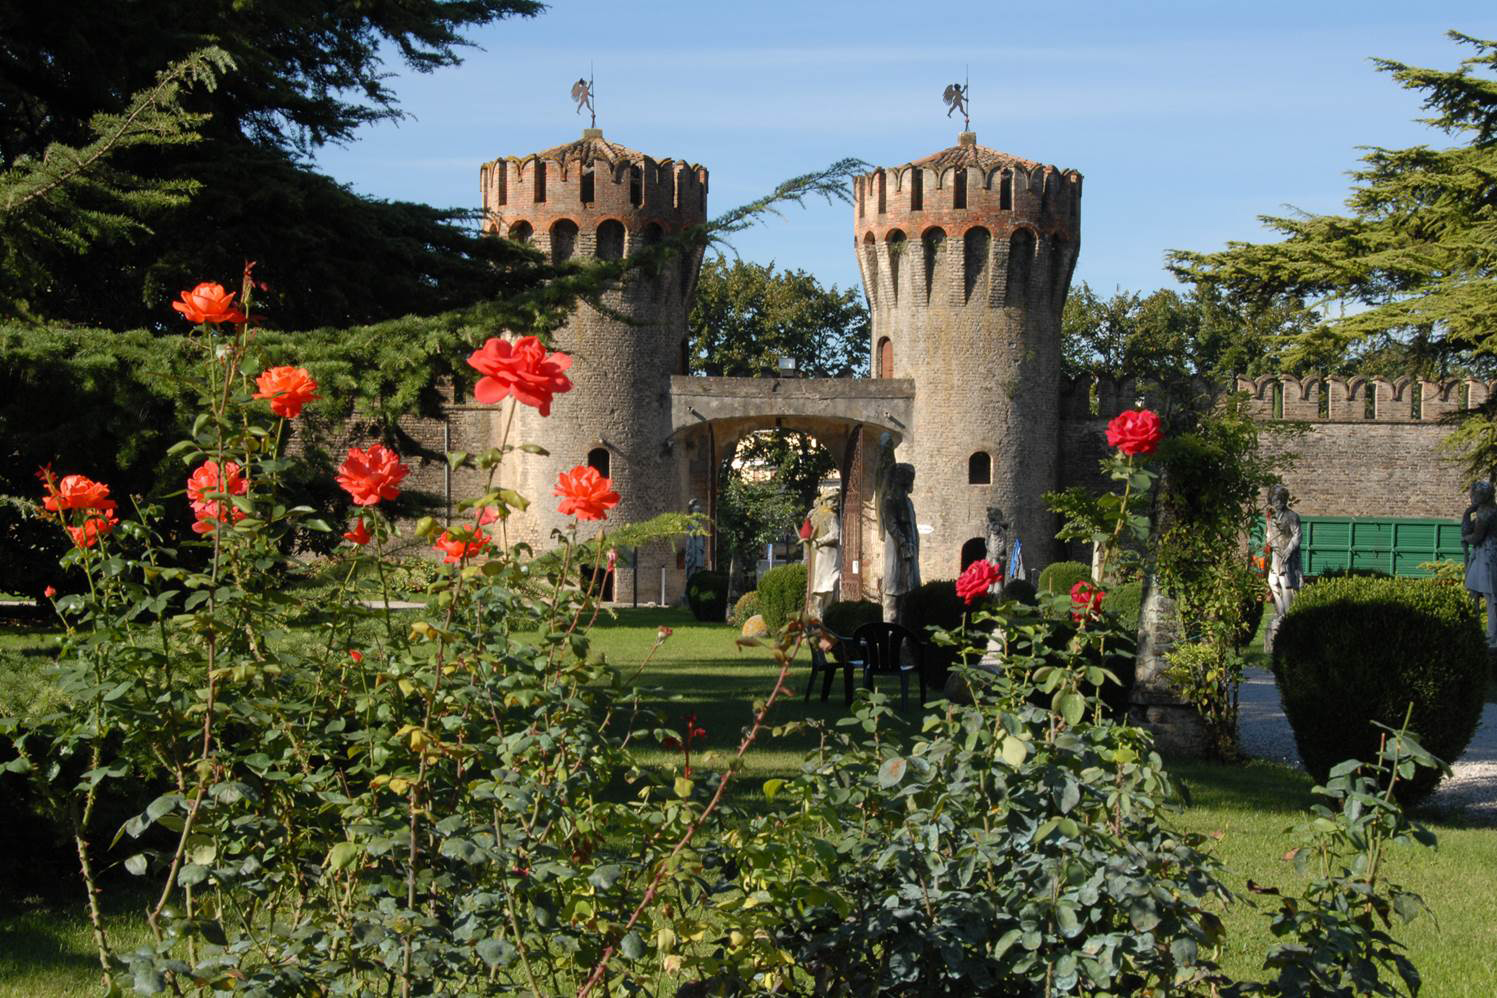 Castello di Roncade-Treviso